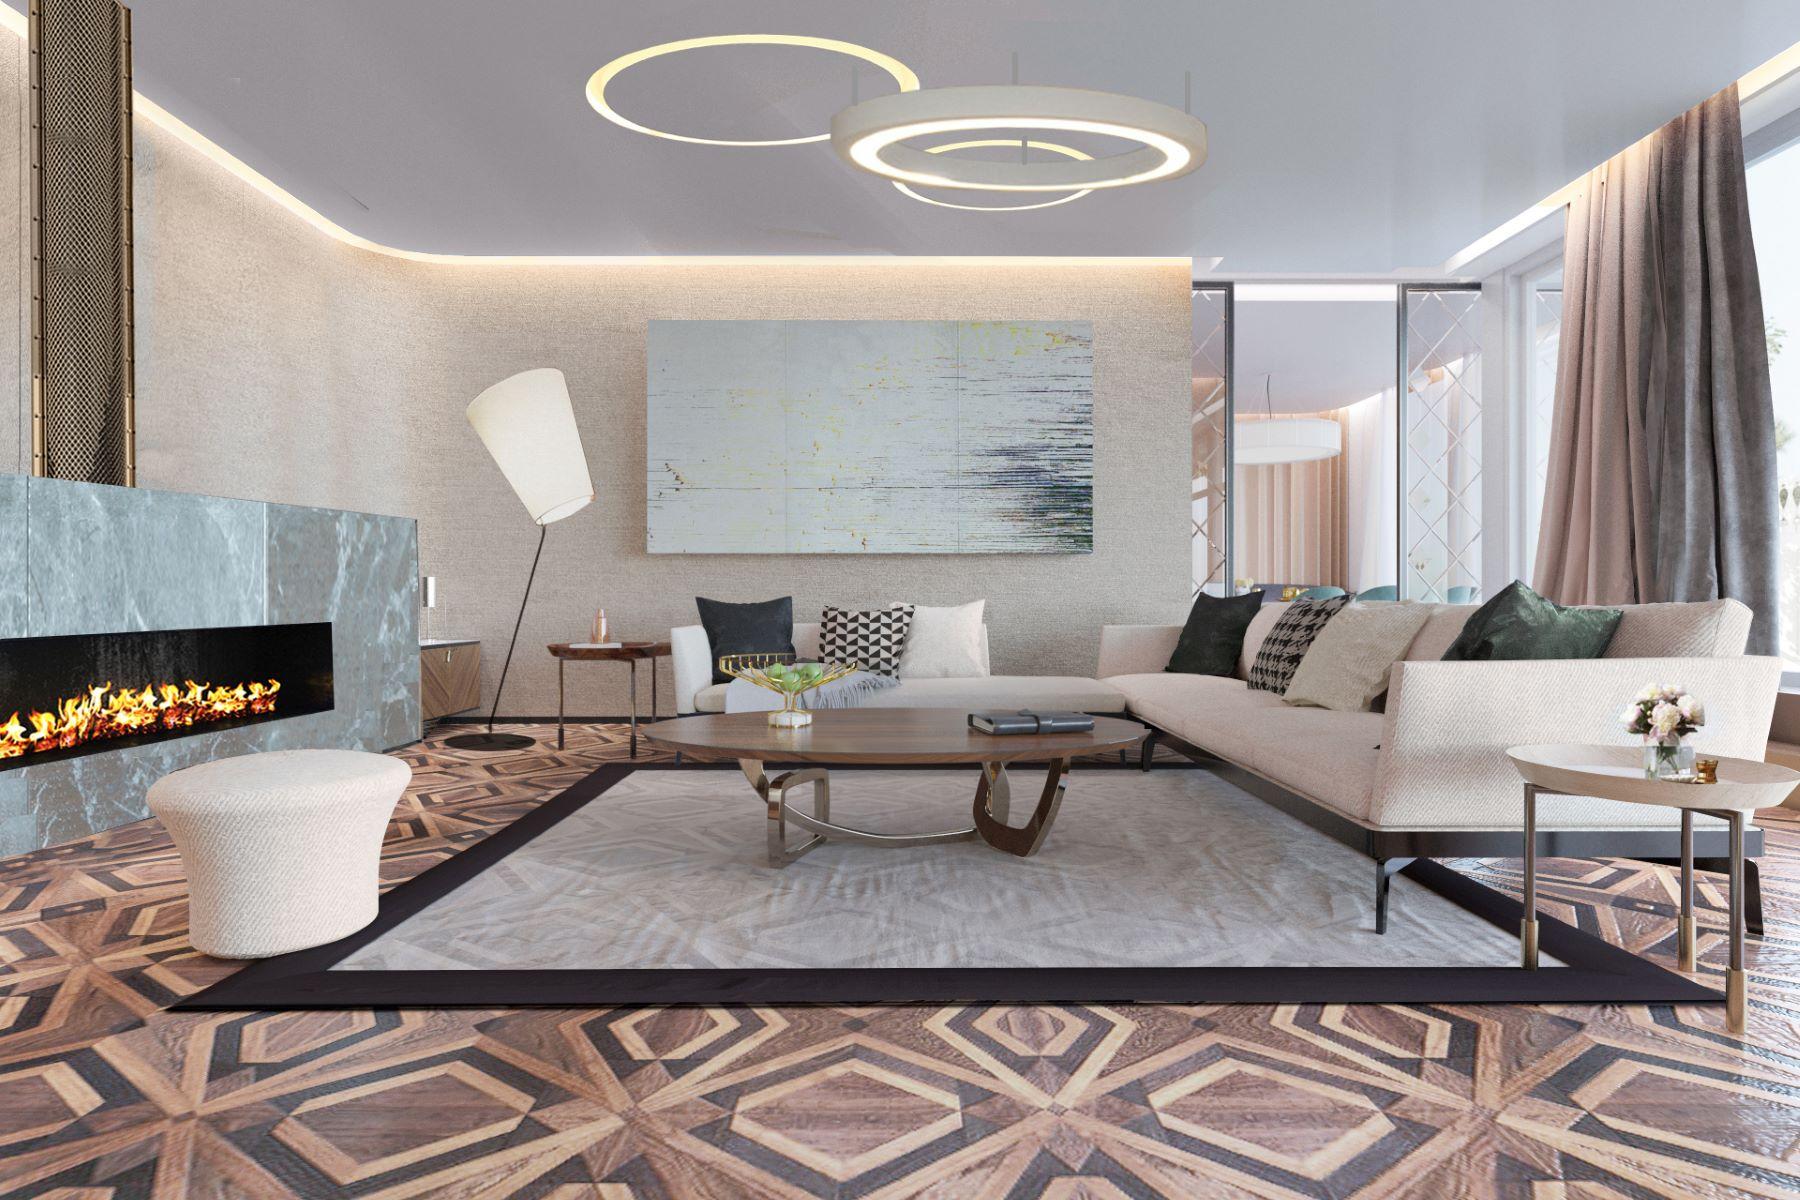 sales property at Penthouse Marlene in villa Dietrich in Jurmala's new development LEGEND